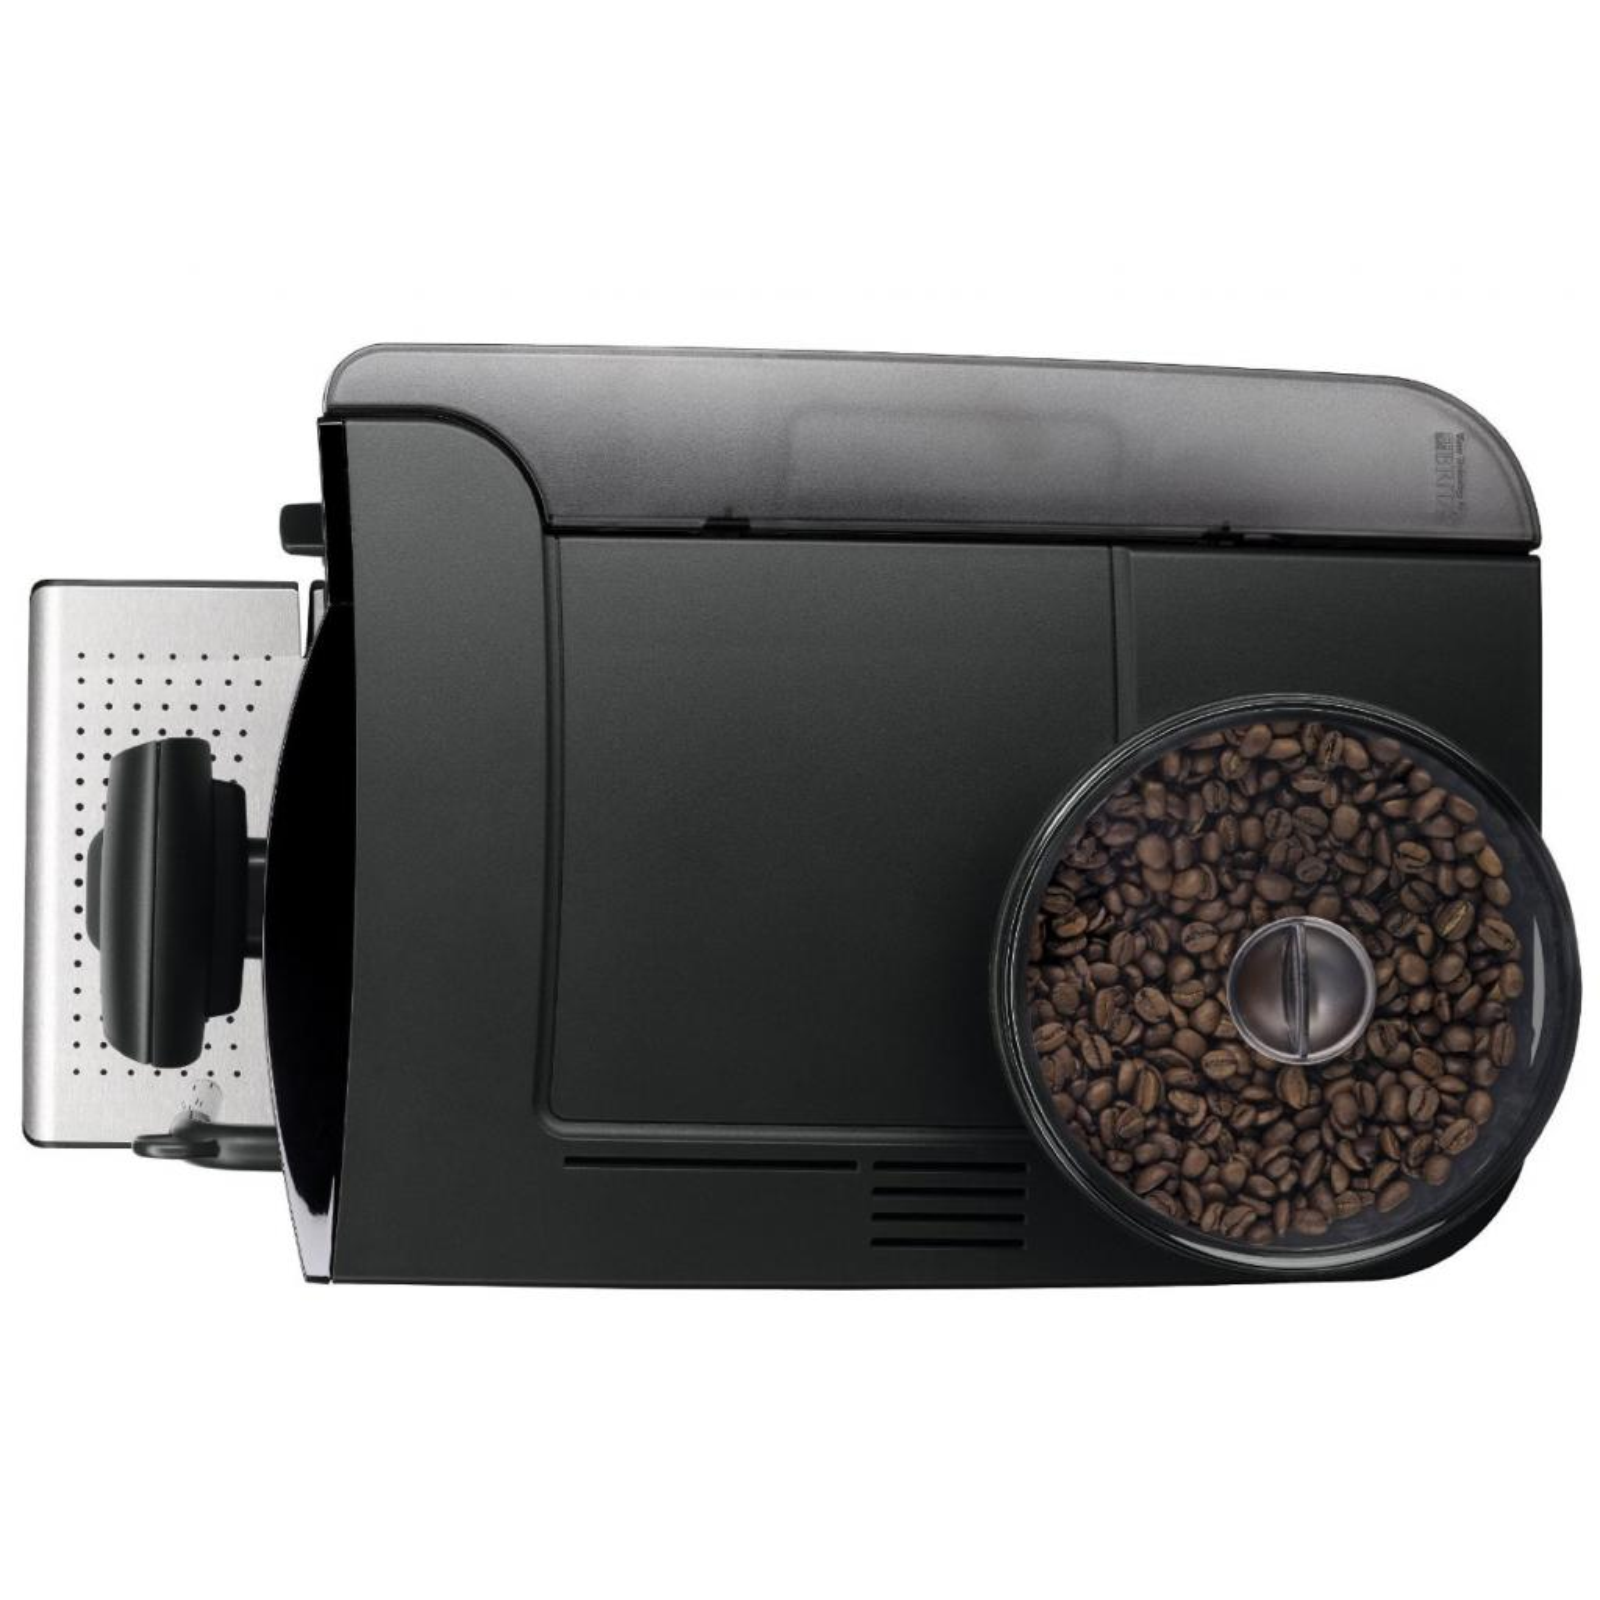 Кофеварка BOSCH TES50129RW изображение 6